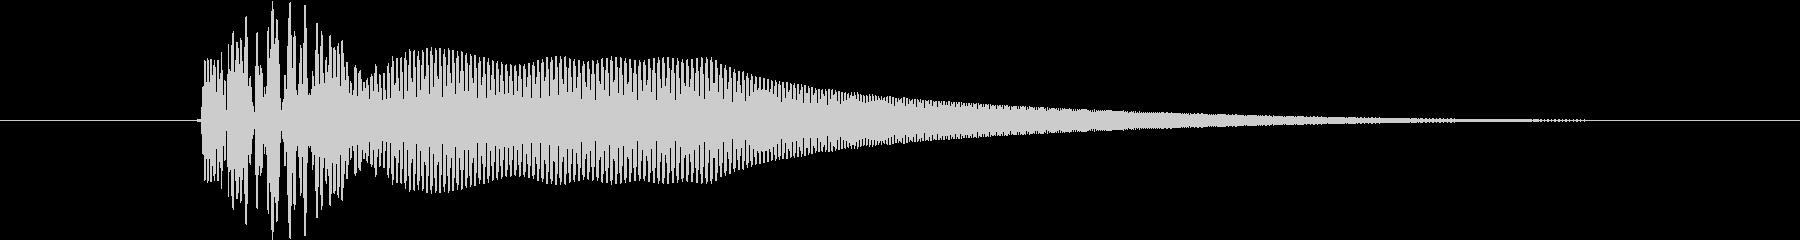 パーカッション ボーイング08の未再生の波形